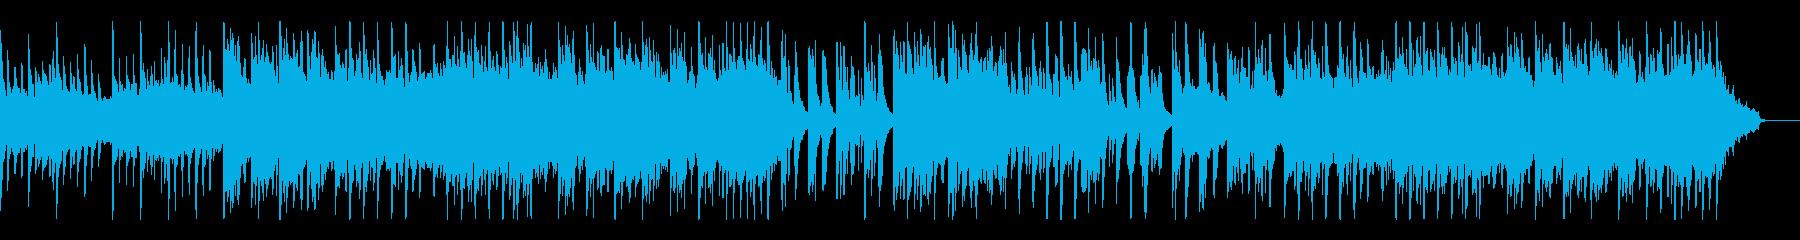 ピアノとシンセパッドによるシンプルなBGの再生済みの波形